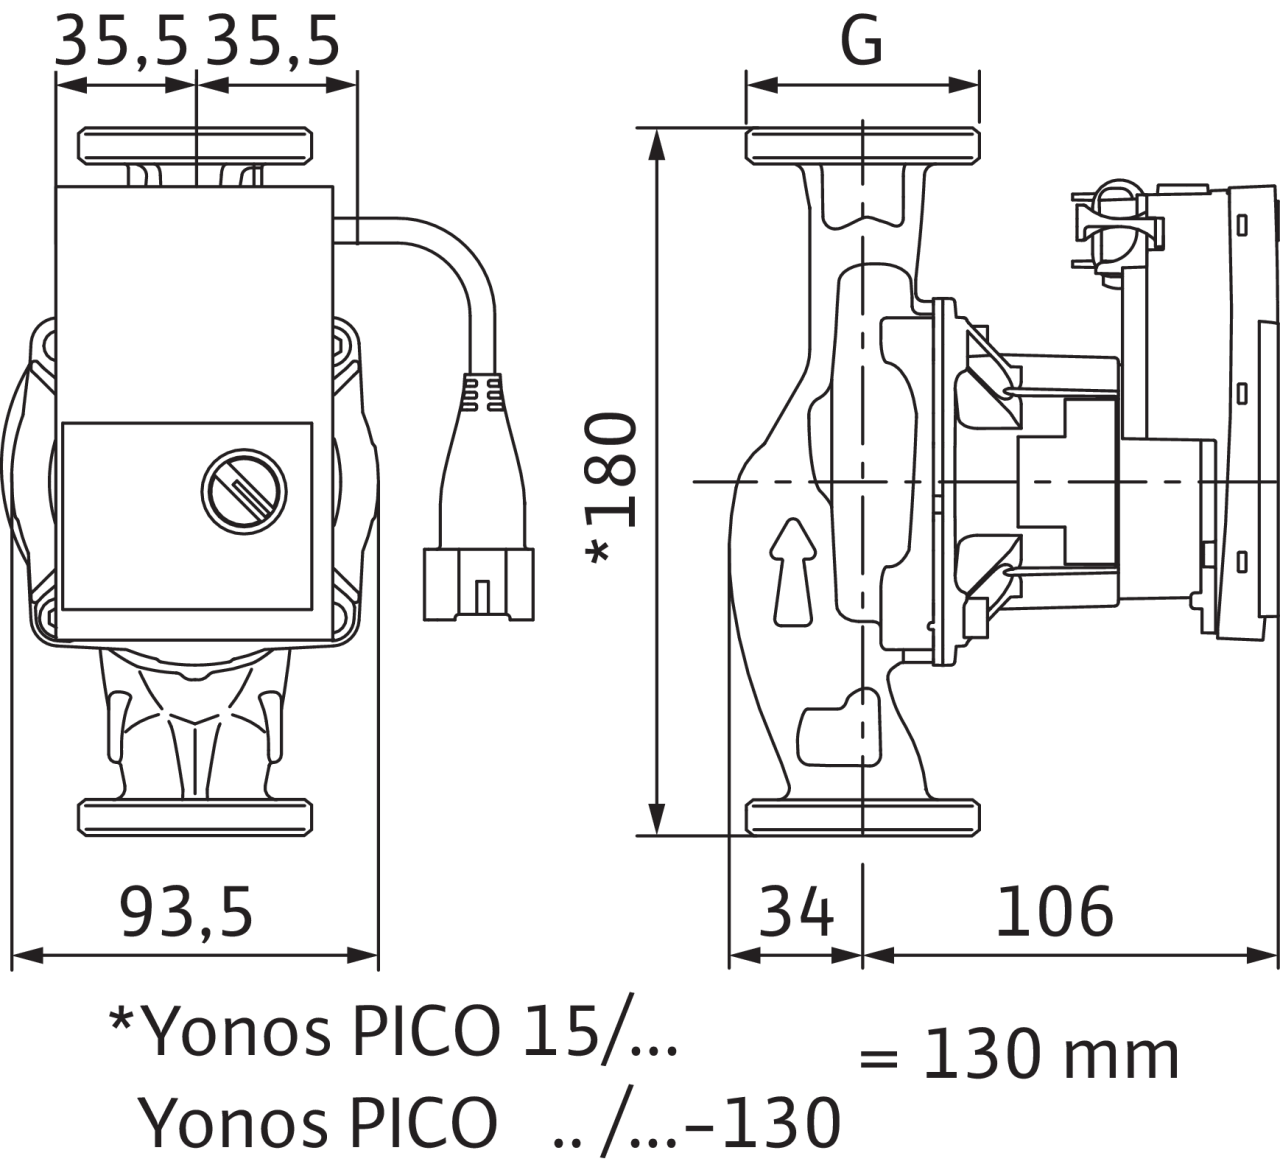 yonos pico 1